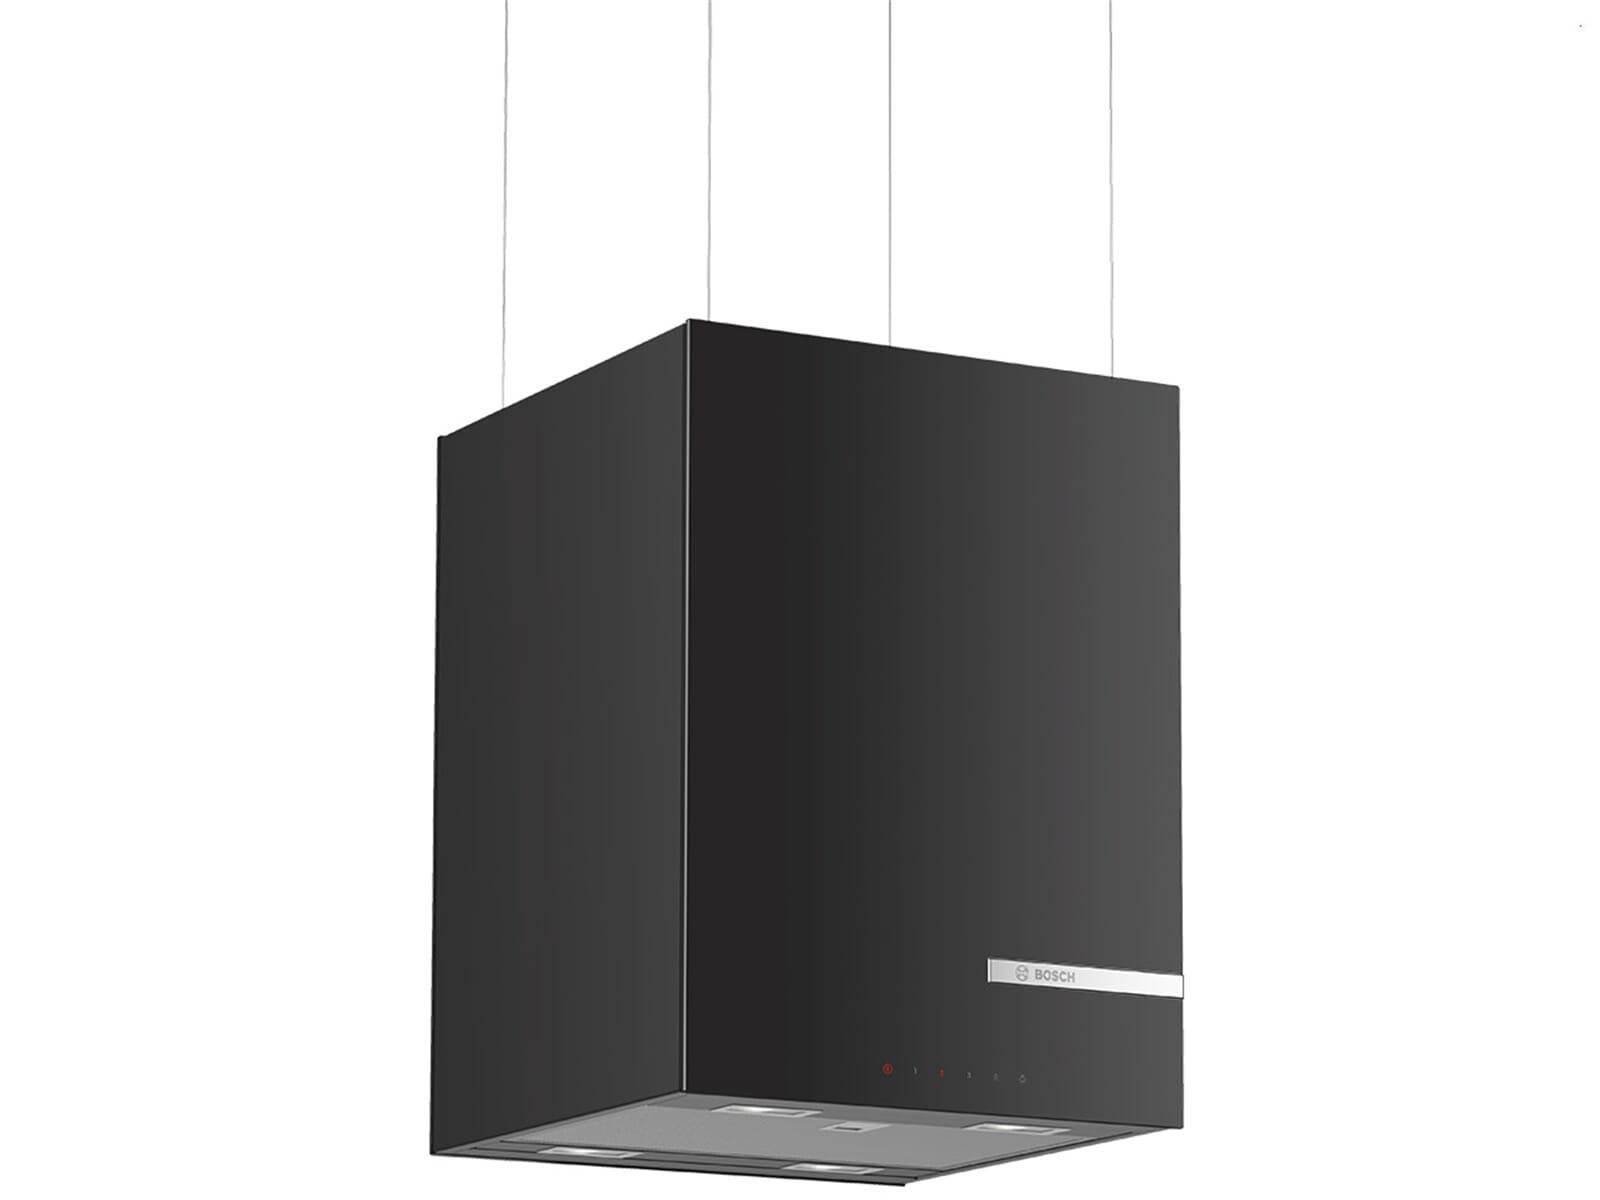 Bosch Kühlschrank Schwarz Glas : Bosch dii jm inselhaube schwarz